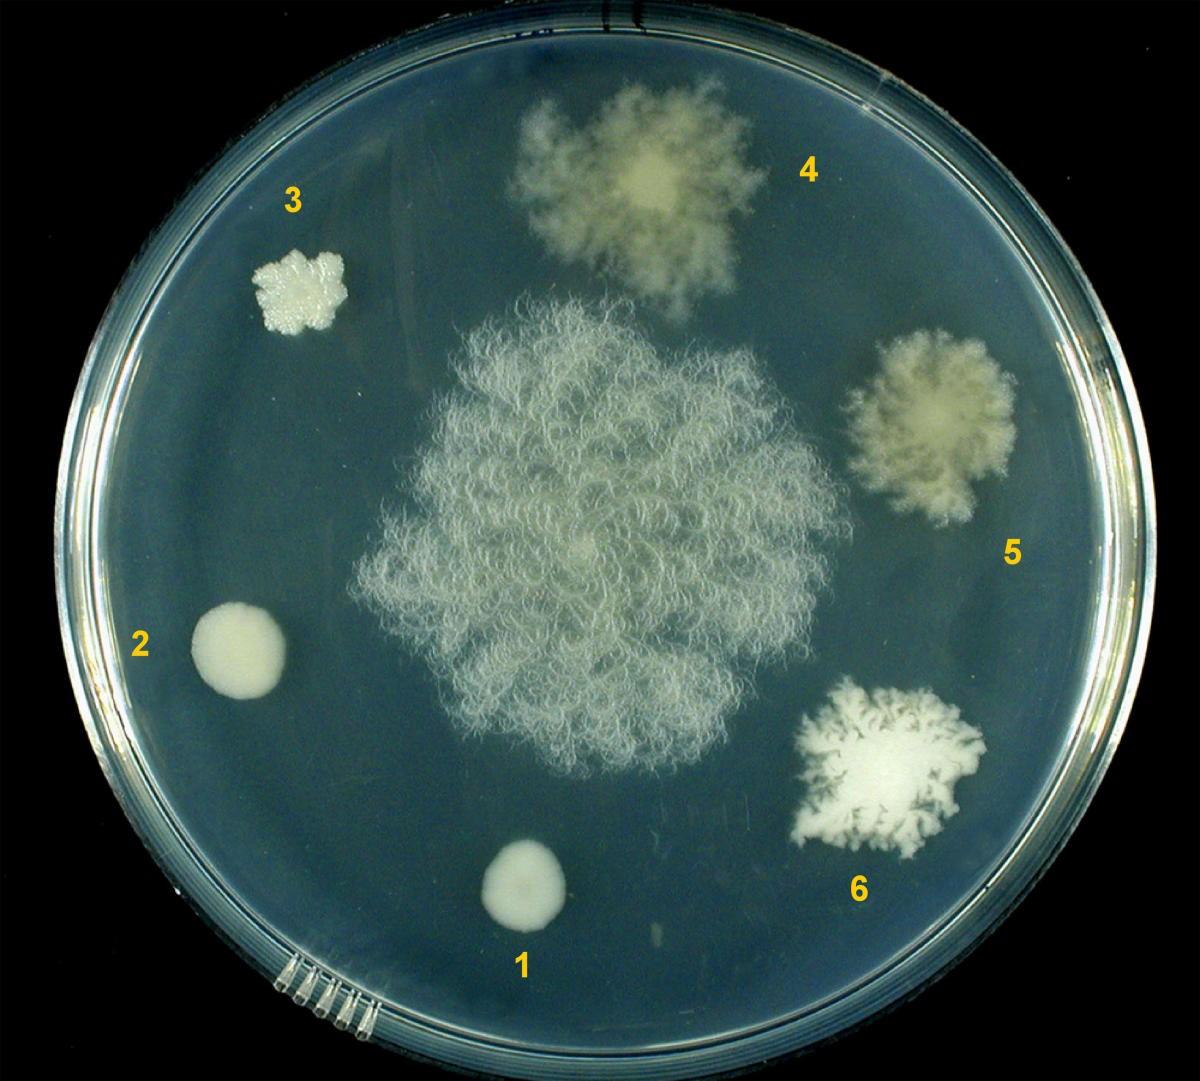 Штамм Bacillus subtilis TPAC, резистентный к тетрациклину, рифампицину, ампициллину, стрептомицину, обладающий антибактериальной активностью по отношению к патогенным видам микроорганизмов